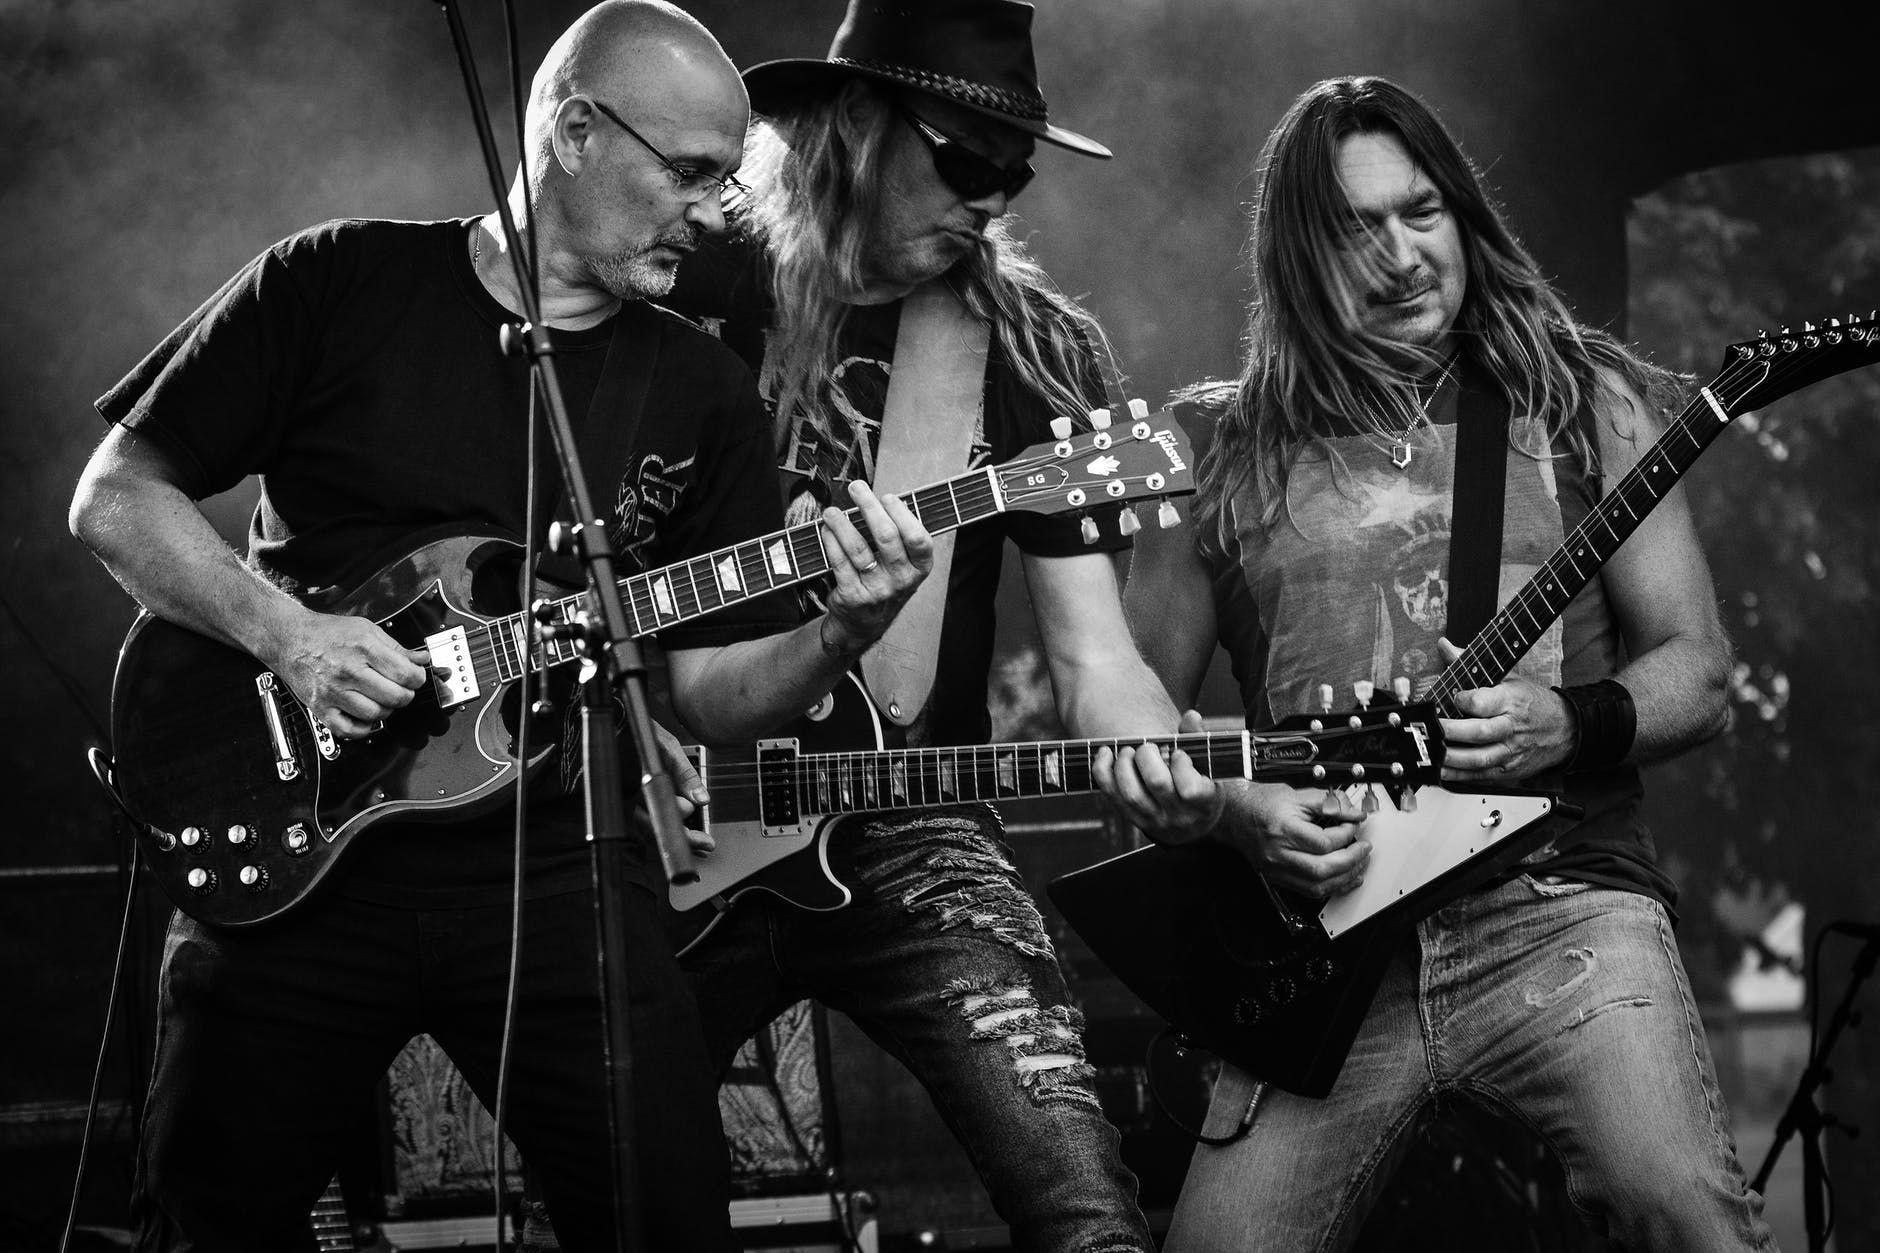 Três guitarristas de uma banda de rock fazendo um som ao vivo